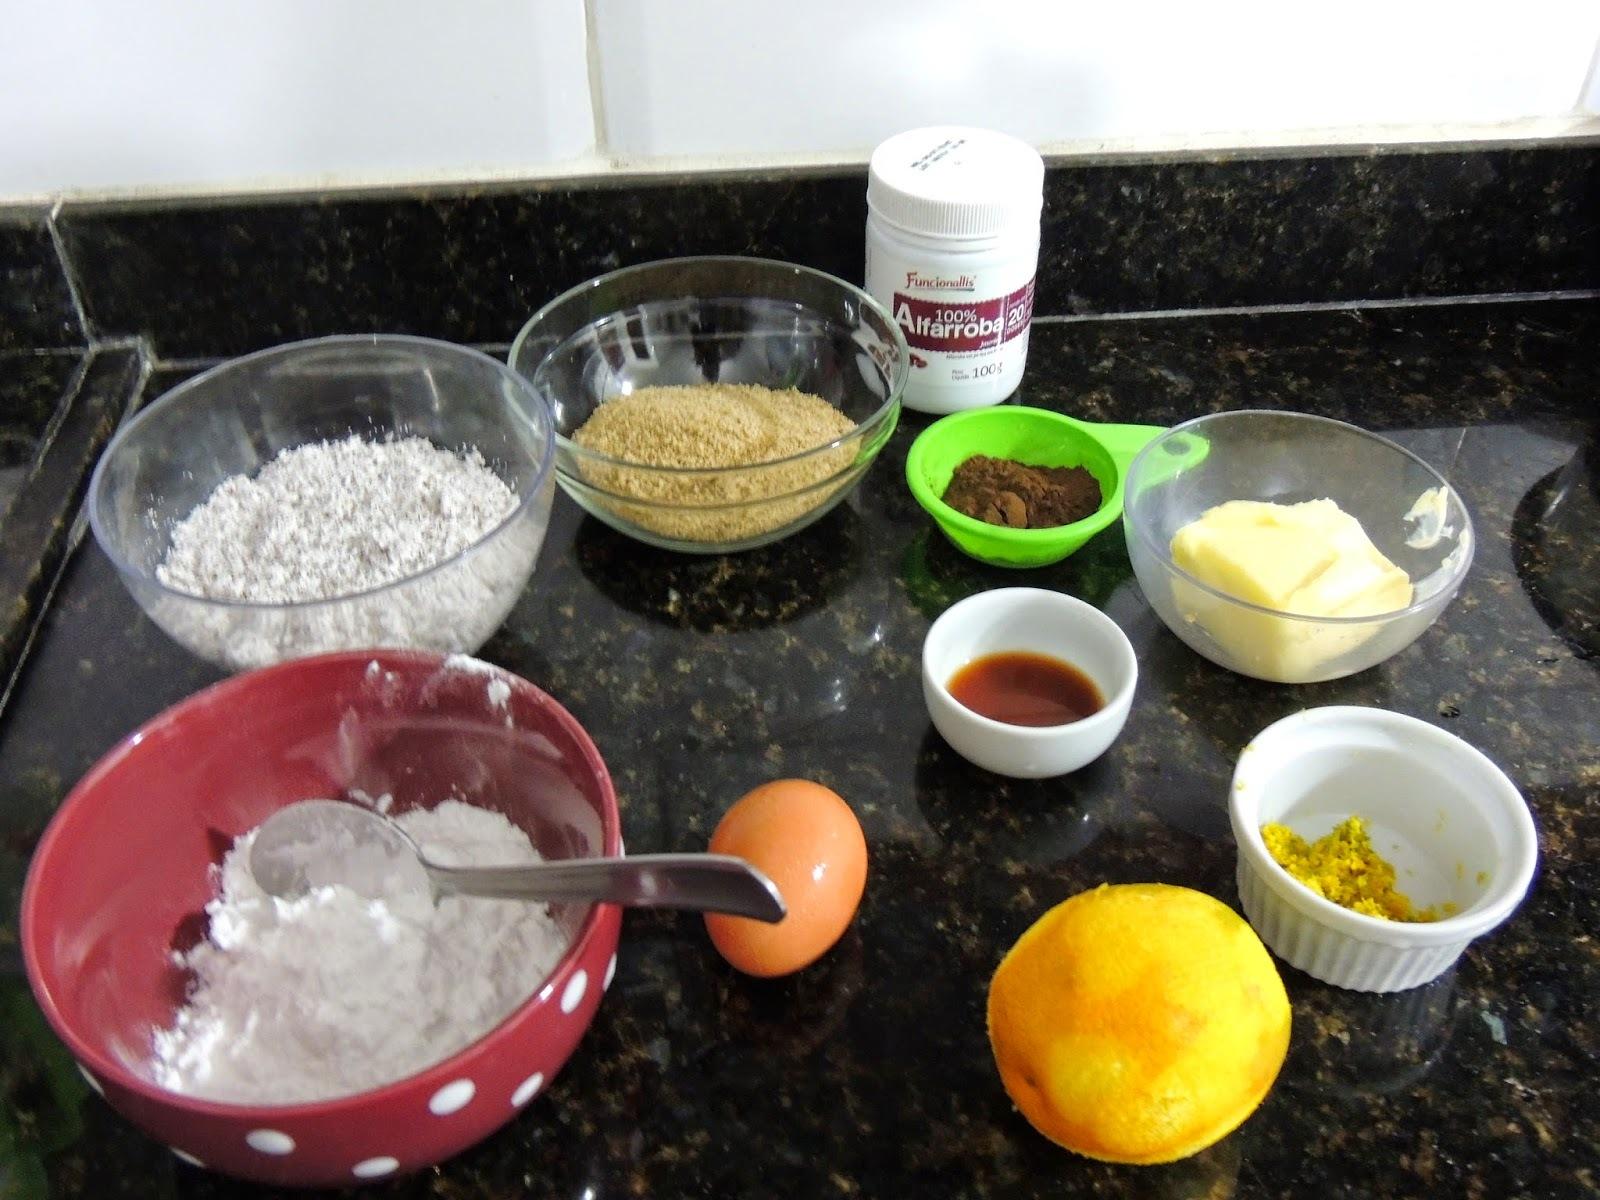 Cookie de coco, alfarroba e raspas de laranja